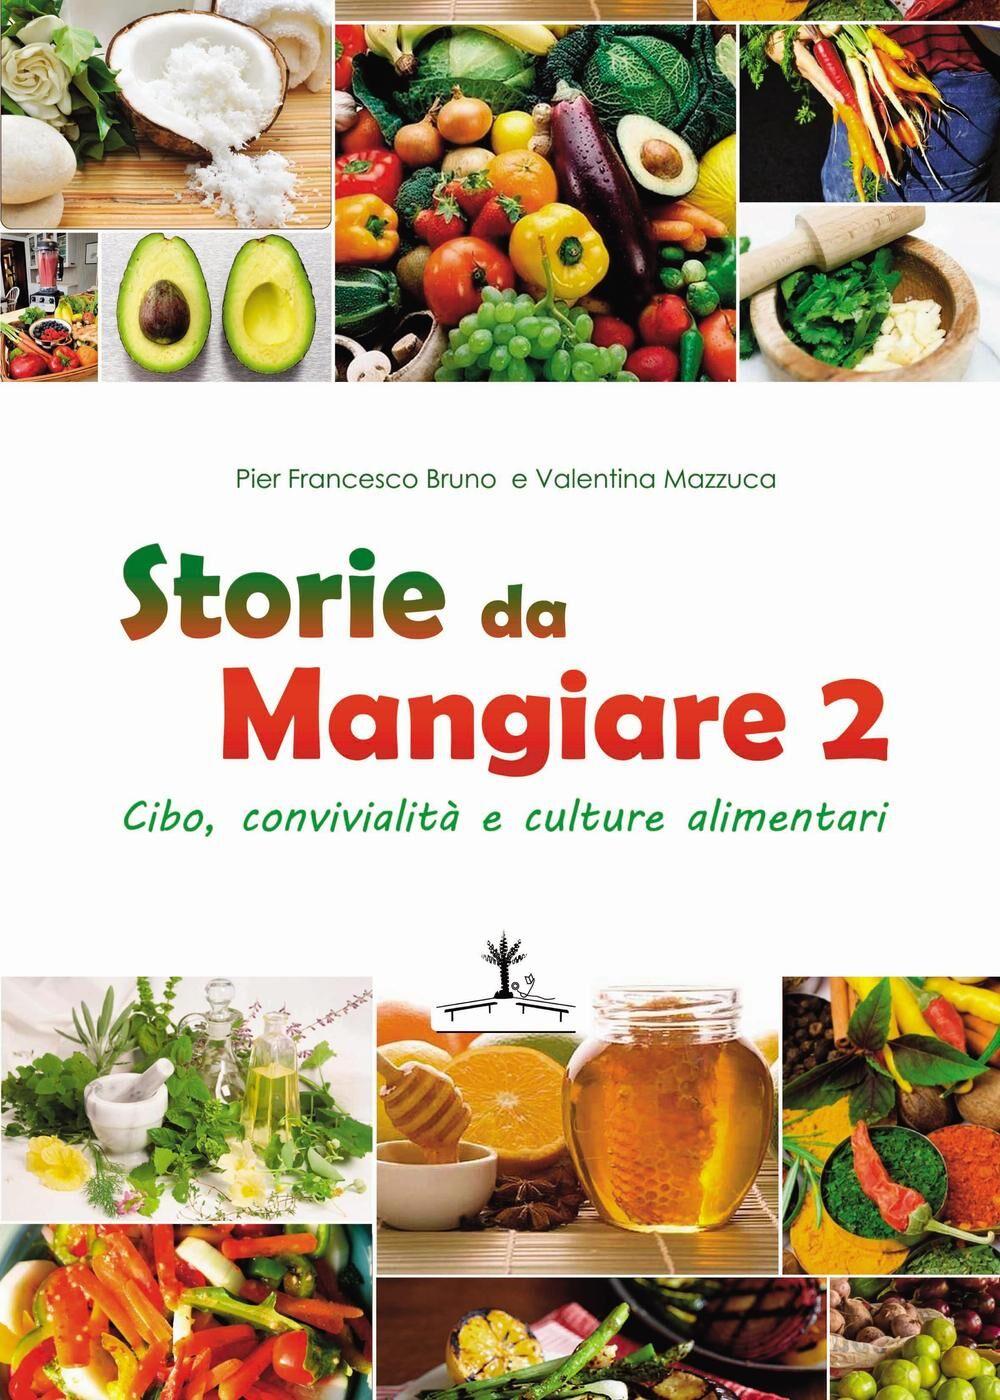 Storie da mangiare 2. Cibo, convivialità e culture alimentari